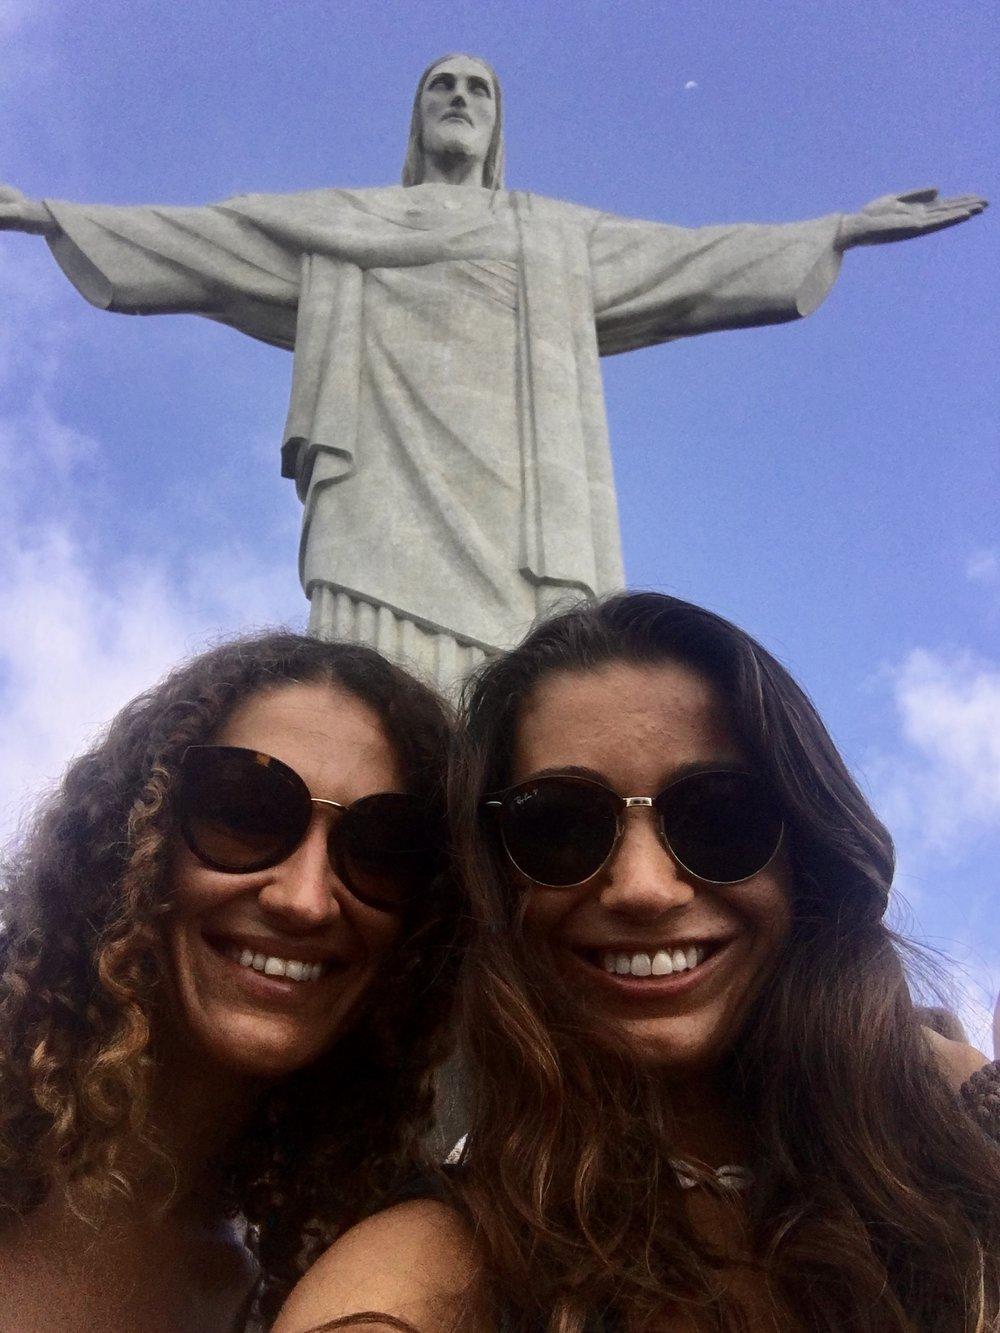 Selfie with The Big Guy ( Christ The Redeemer, Parque Nacional da Tijuca, Rio de Janeiro, Brazil )